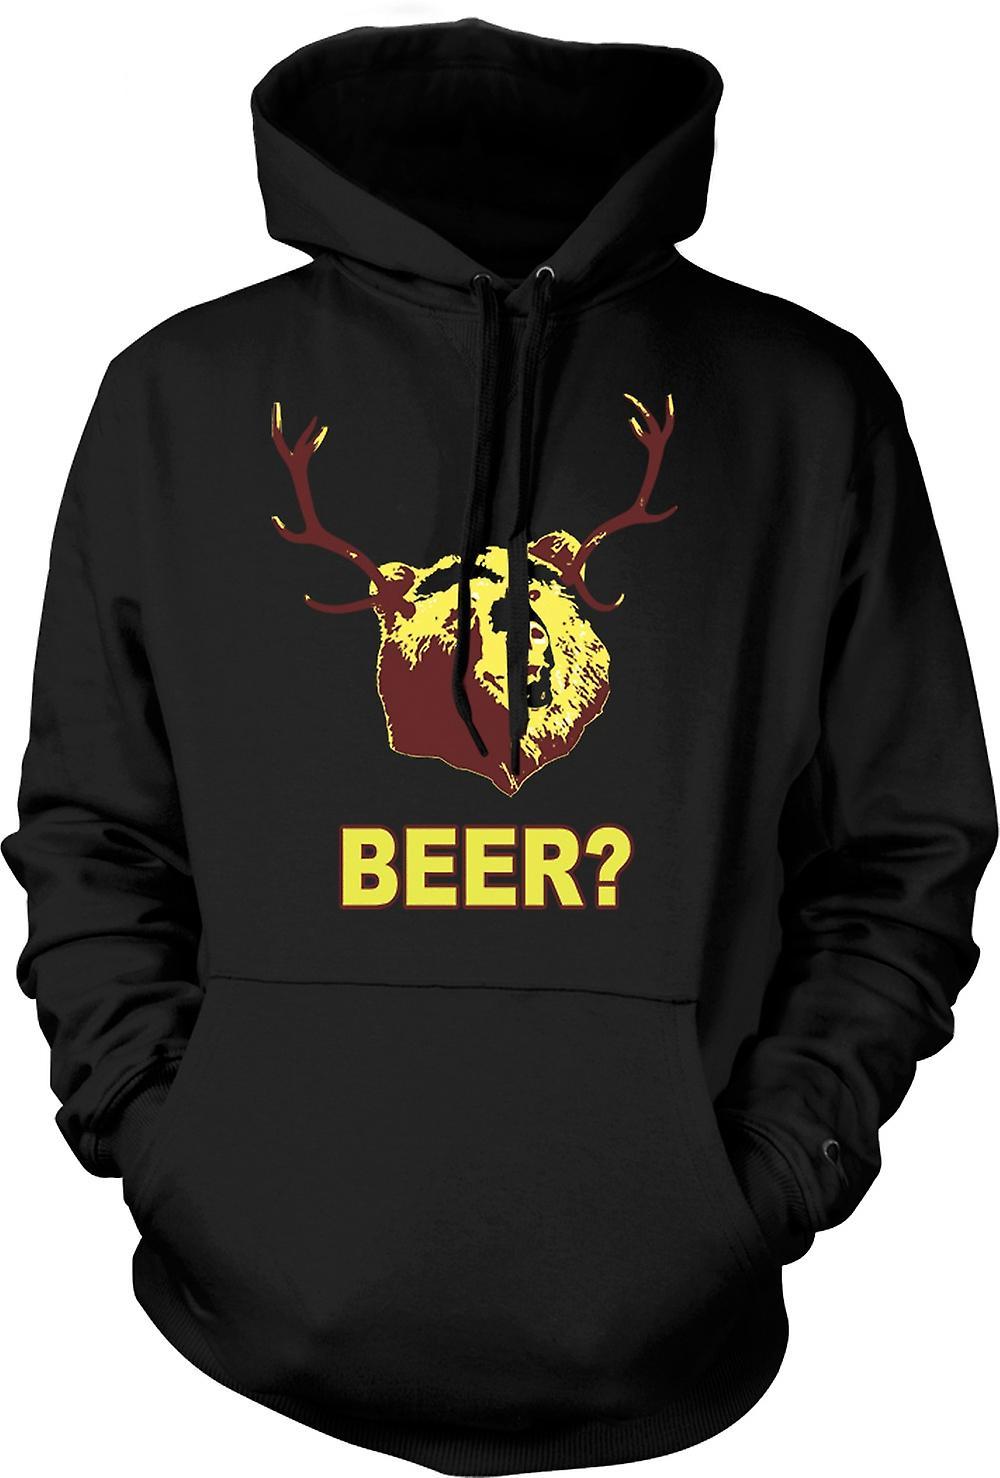 Mens Hoodie - öl bära rolig dricka